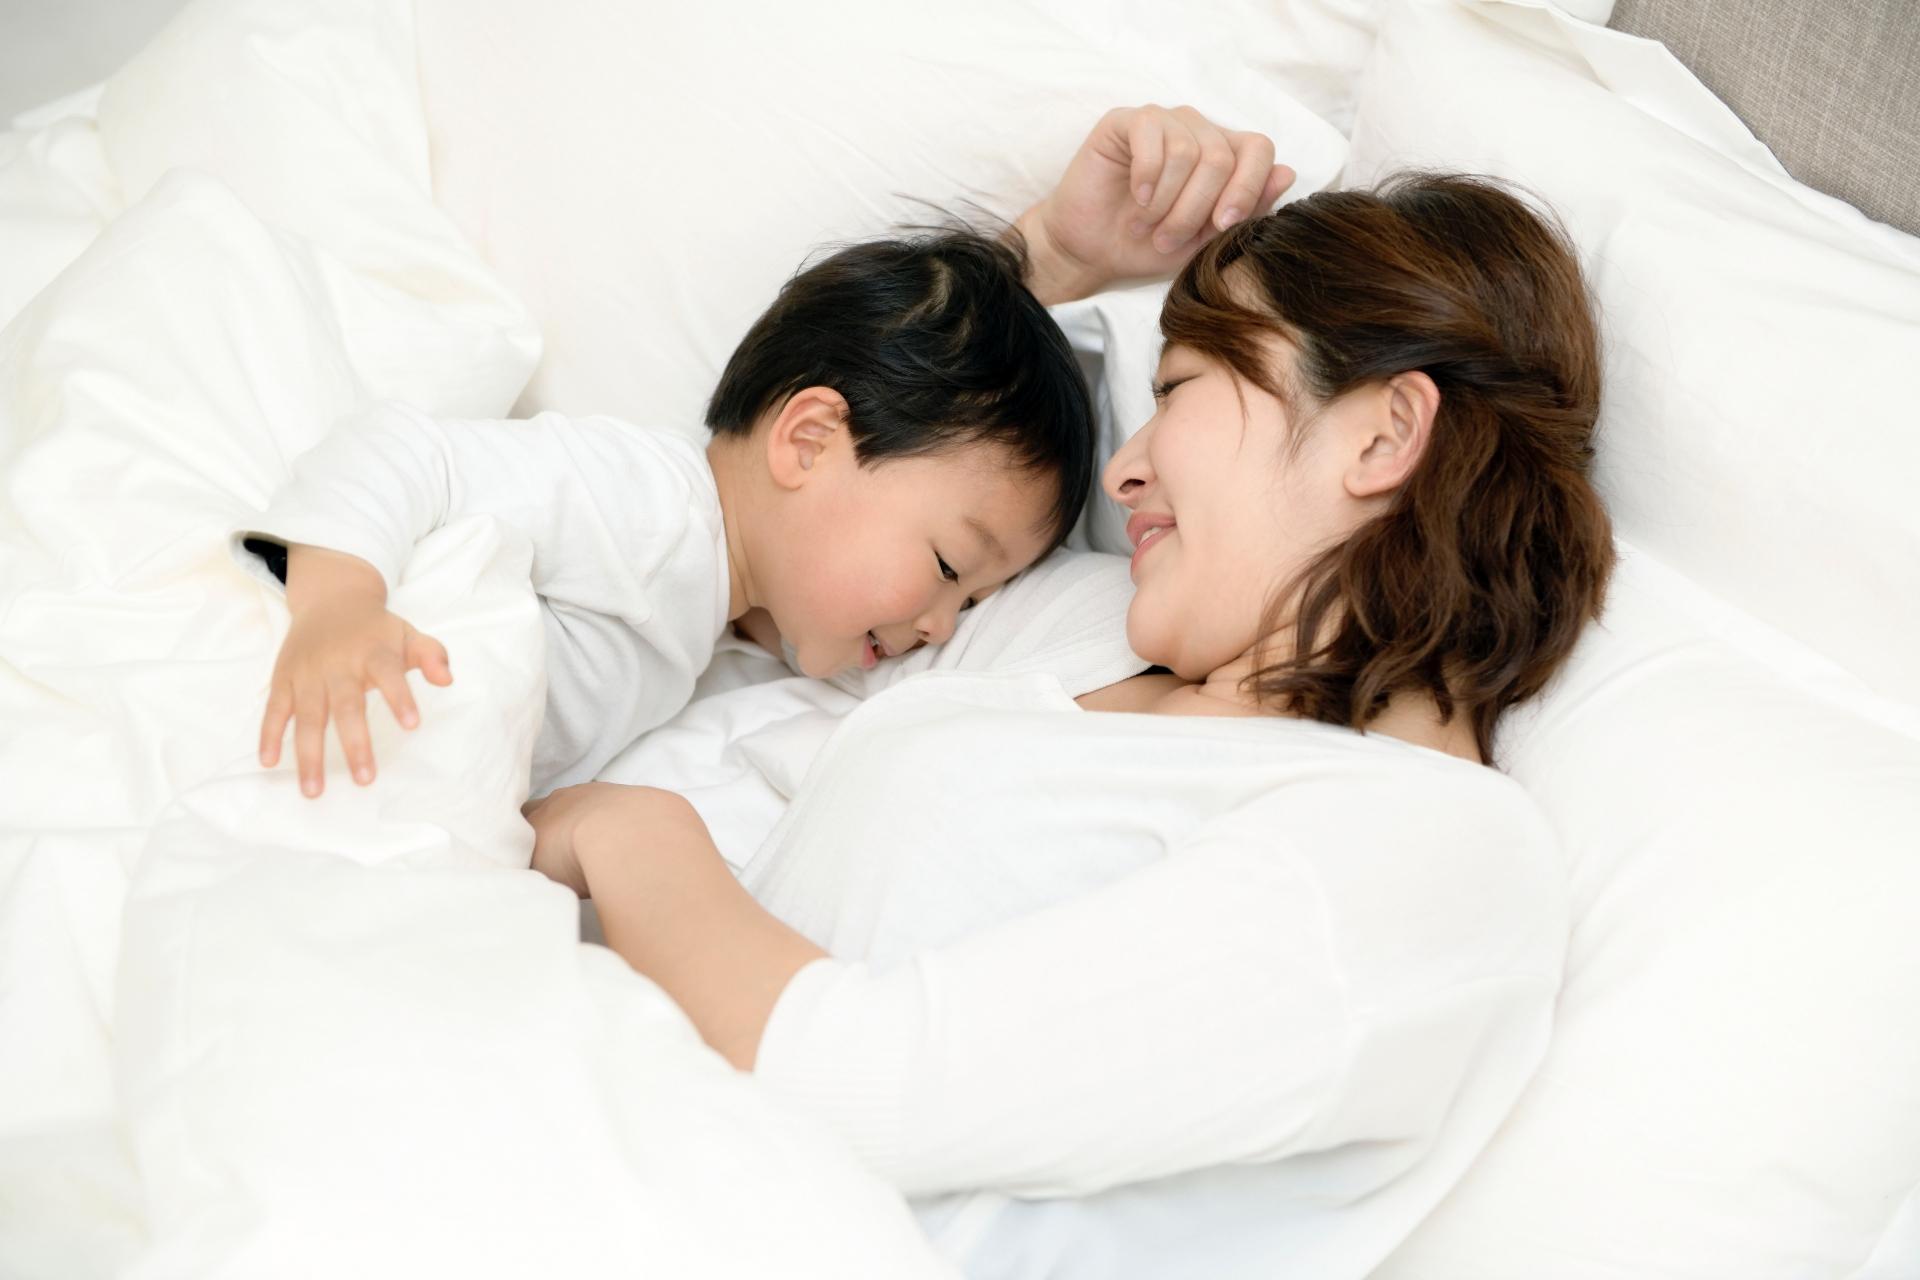 心理カウンセラーの知識を家族や家庭に活かす